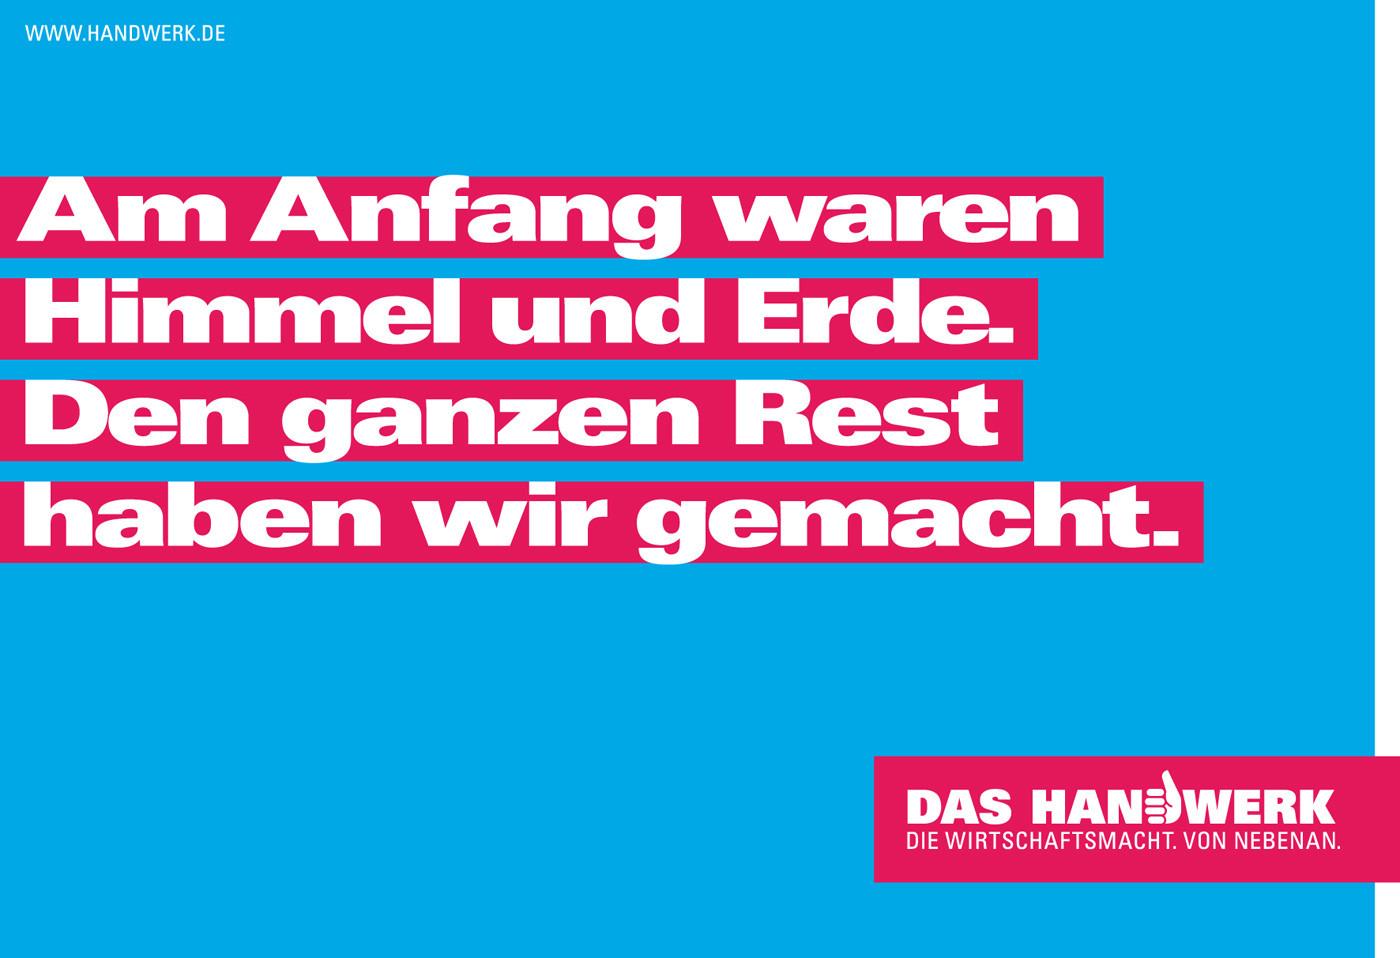 Das Handwerk De  Deutsches Handwerk Scholz & Friends